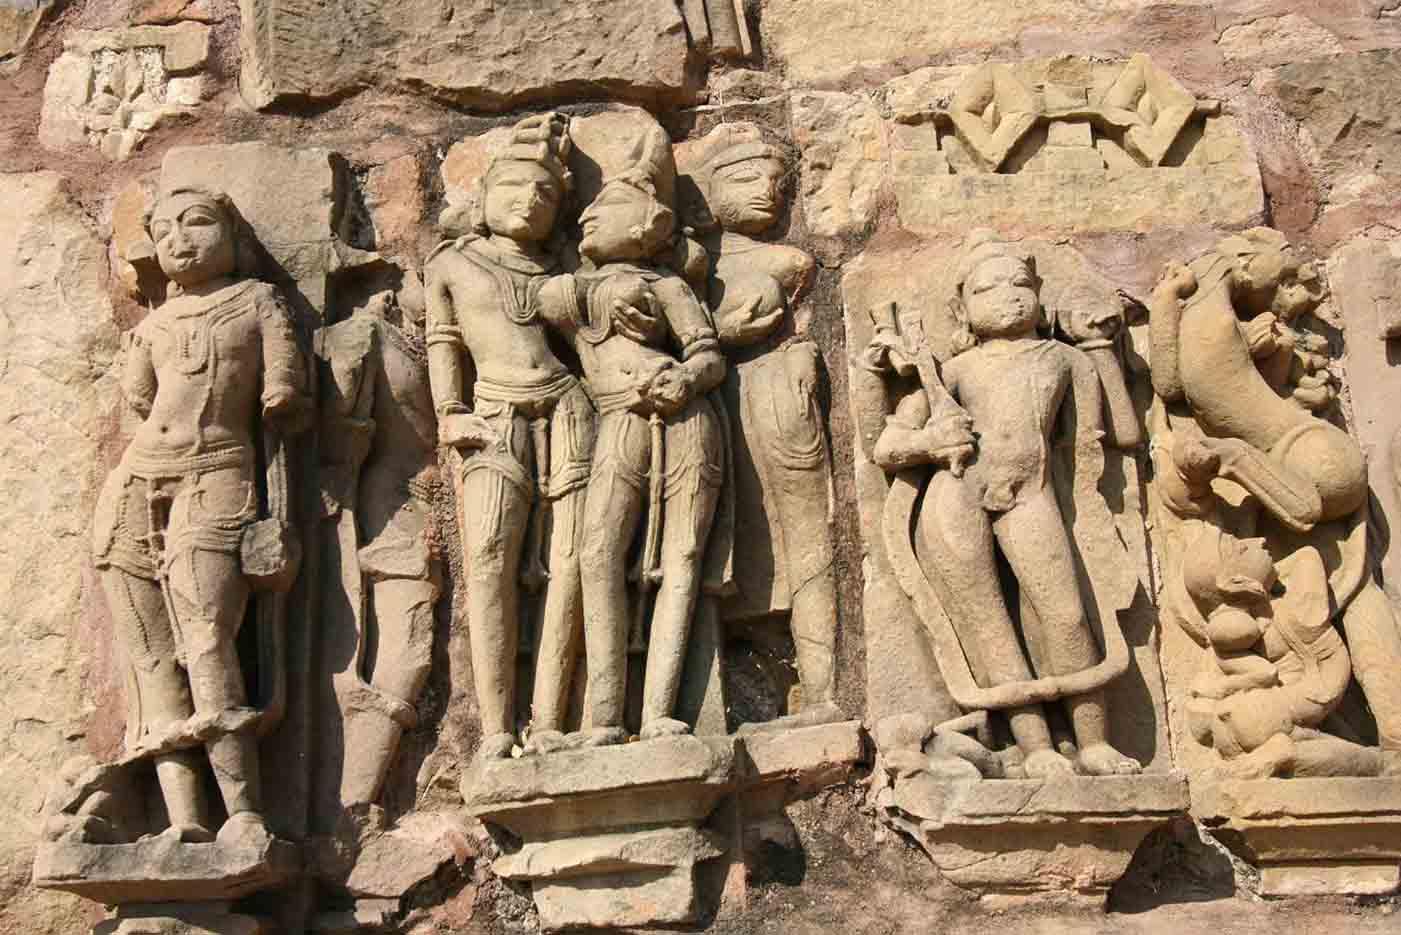 Храмы Кхаджурахо, Khajuraho Temples - 32